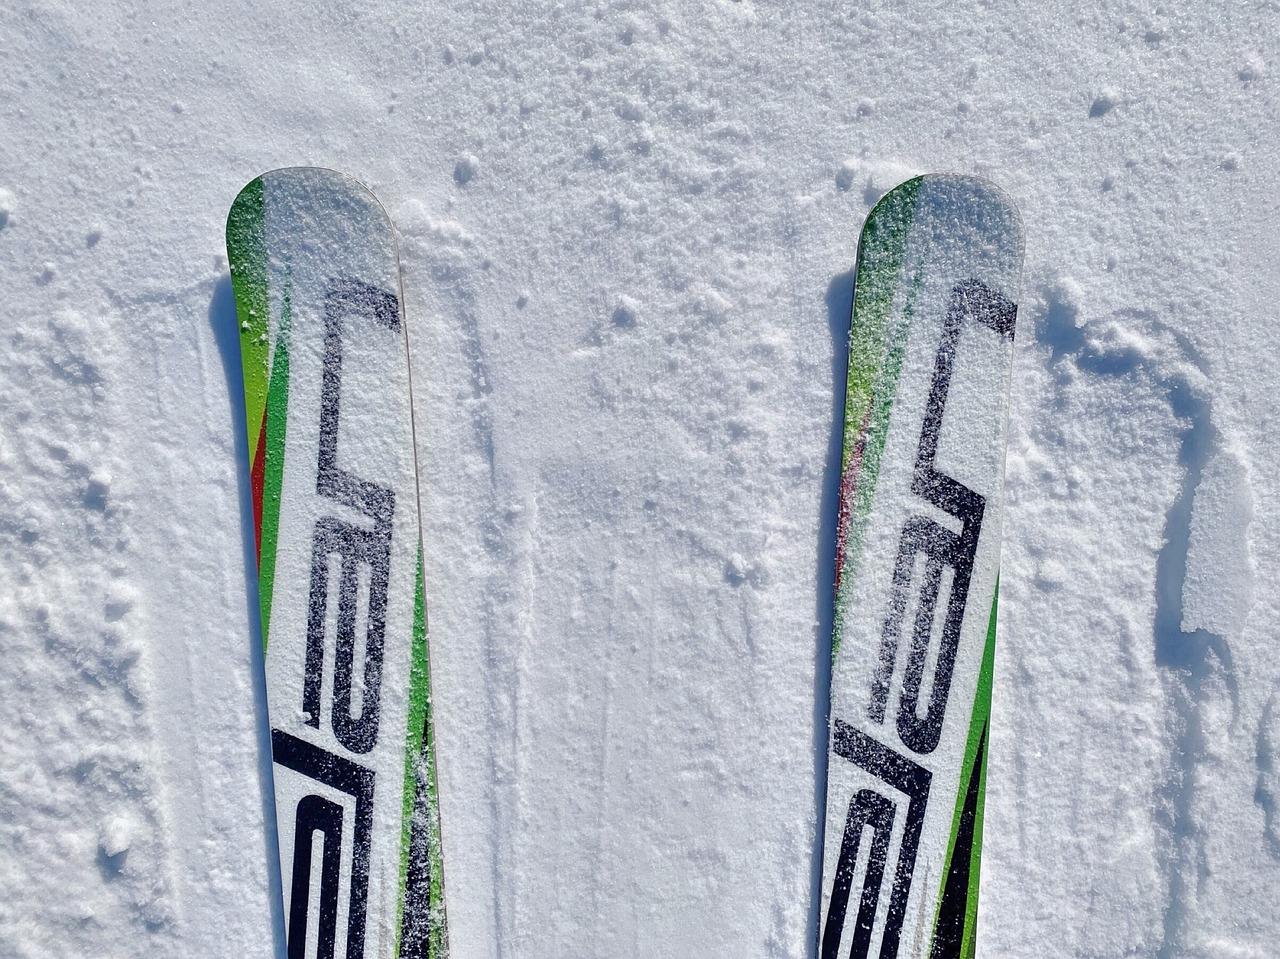 Podstawowe zasady skoków narciarskich